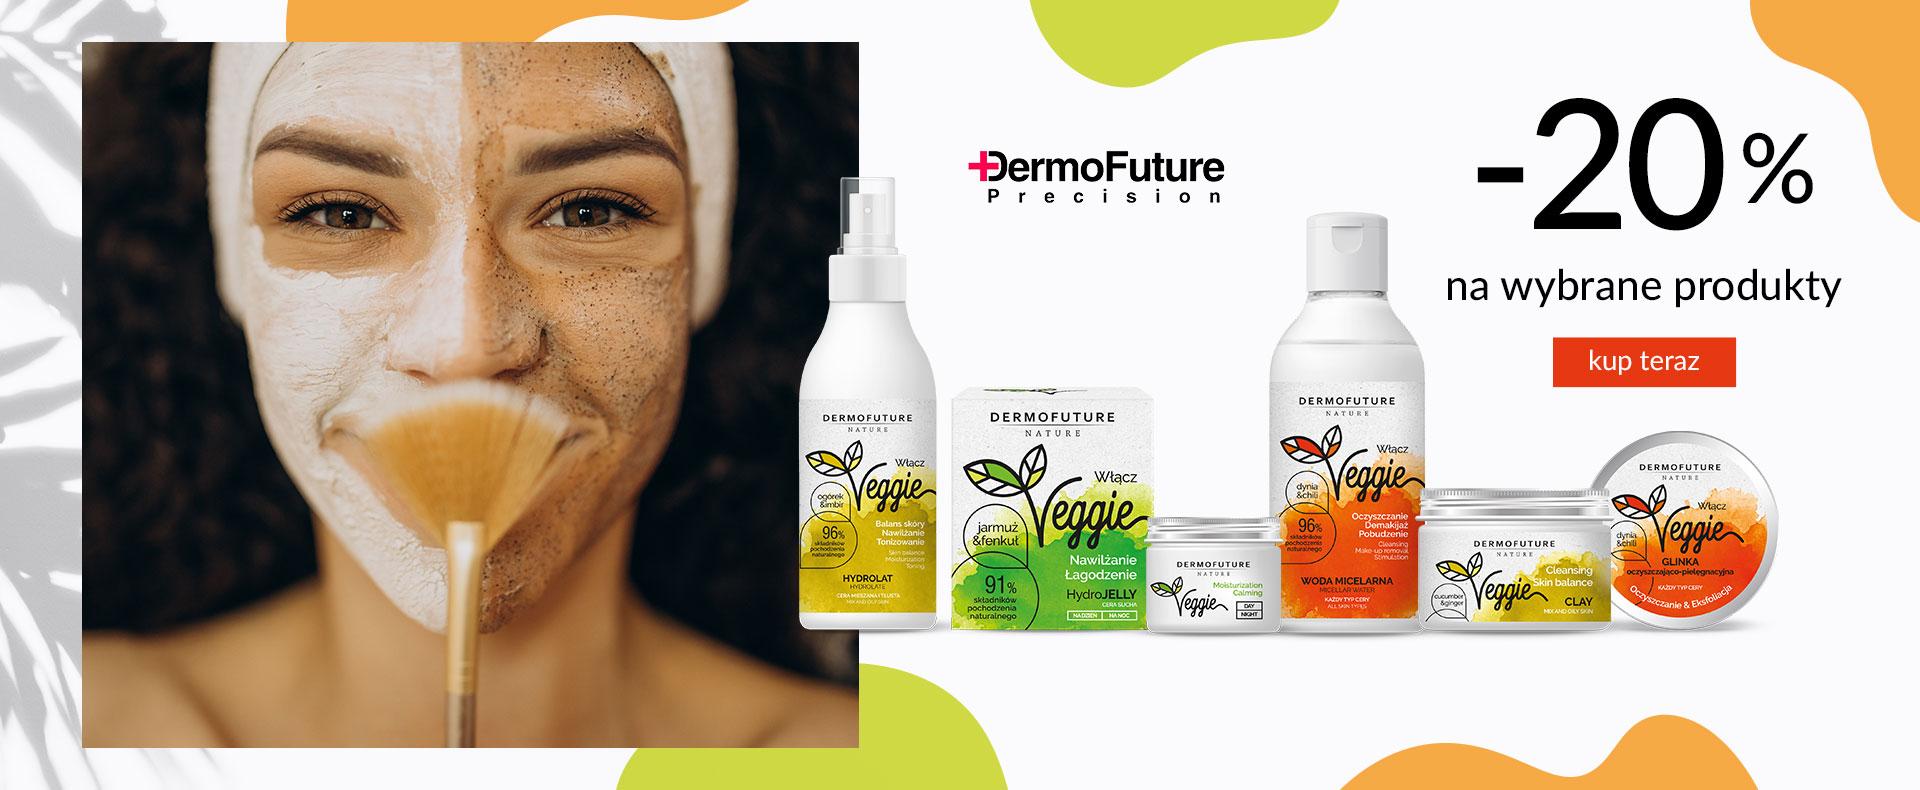 Ezebra Ezebra: 20% zniżki na wybrane kosmetyki marki DermoFuture